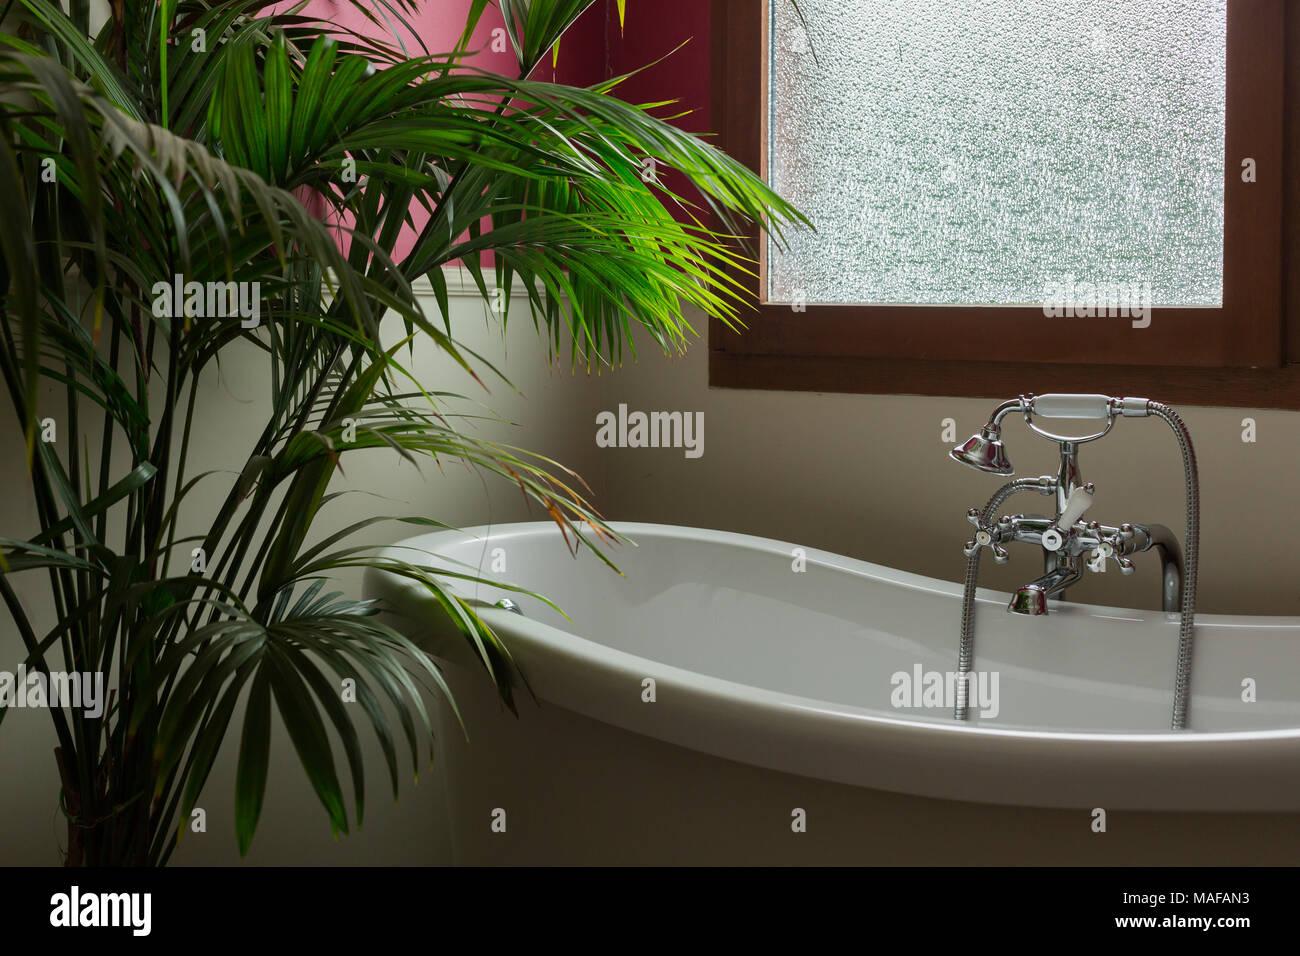 Ein vintage Badezimmer mit einer Weißen Wanne und eine grüne Pflanze ...